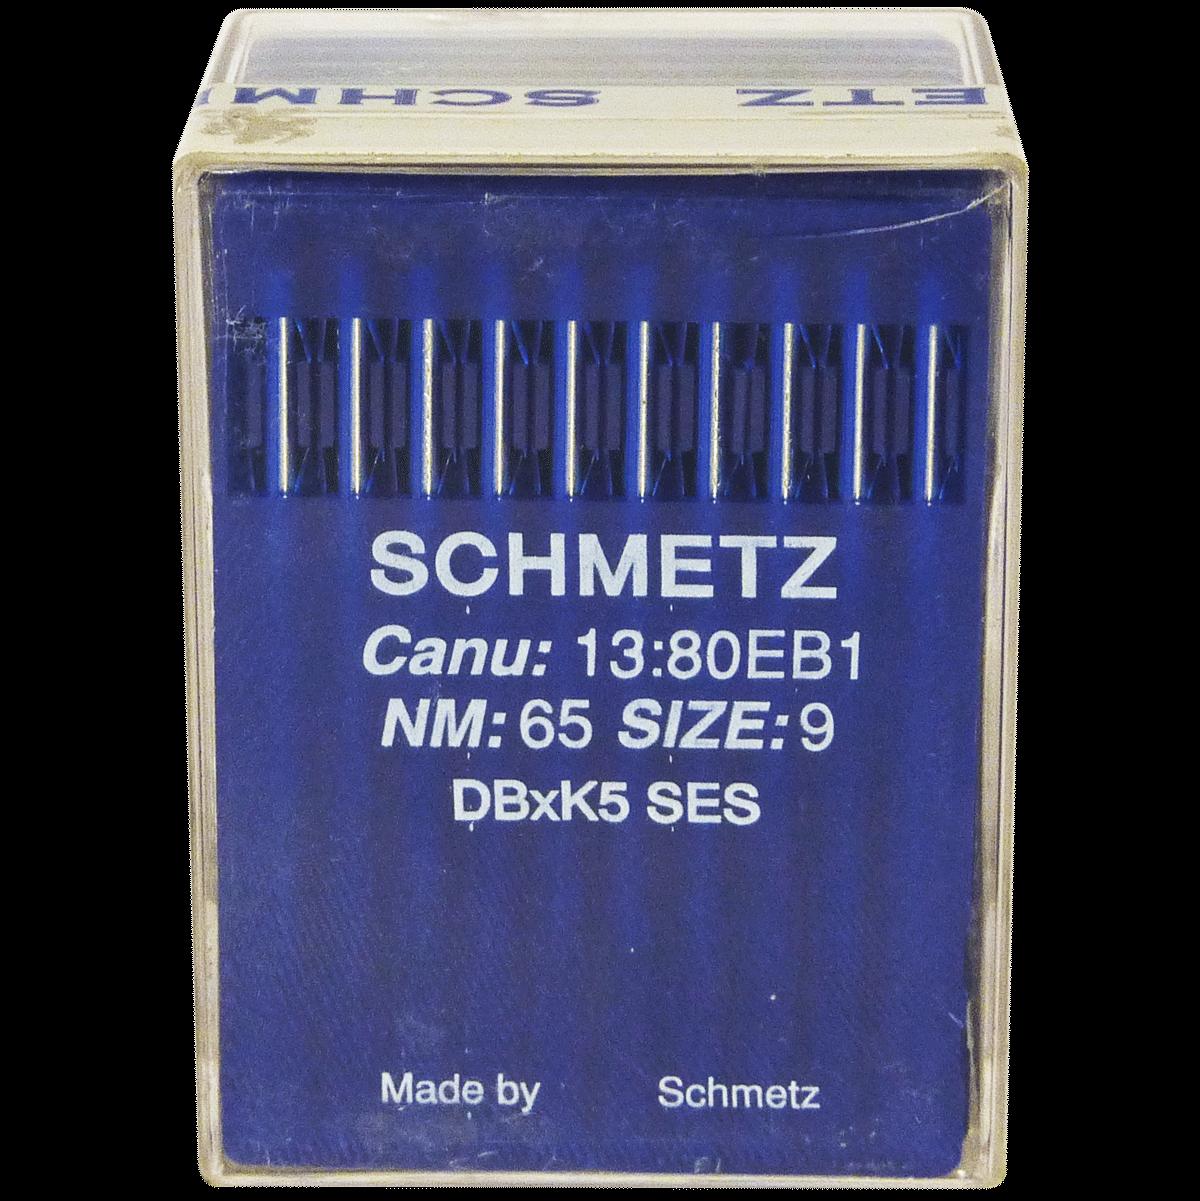 Industrial 65/9 Bald DBxK5 SES Schmetz - Round Head